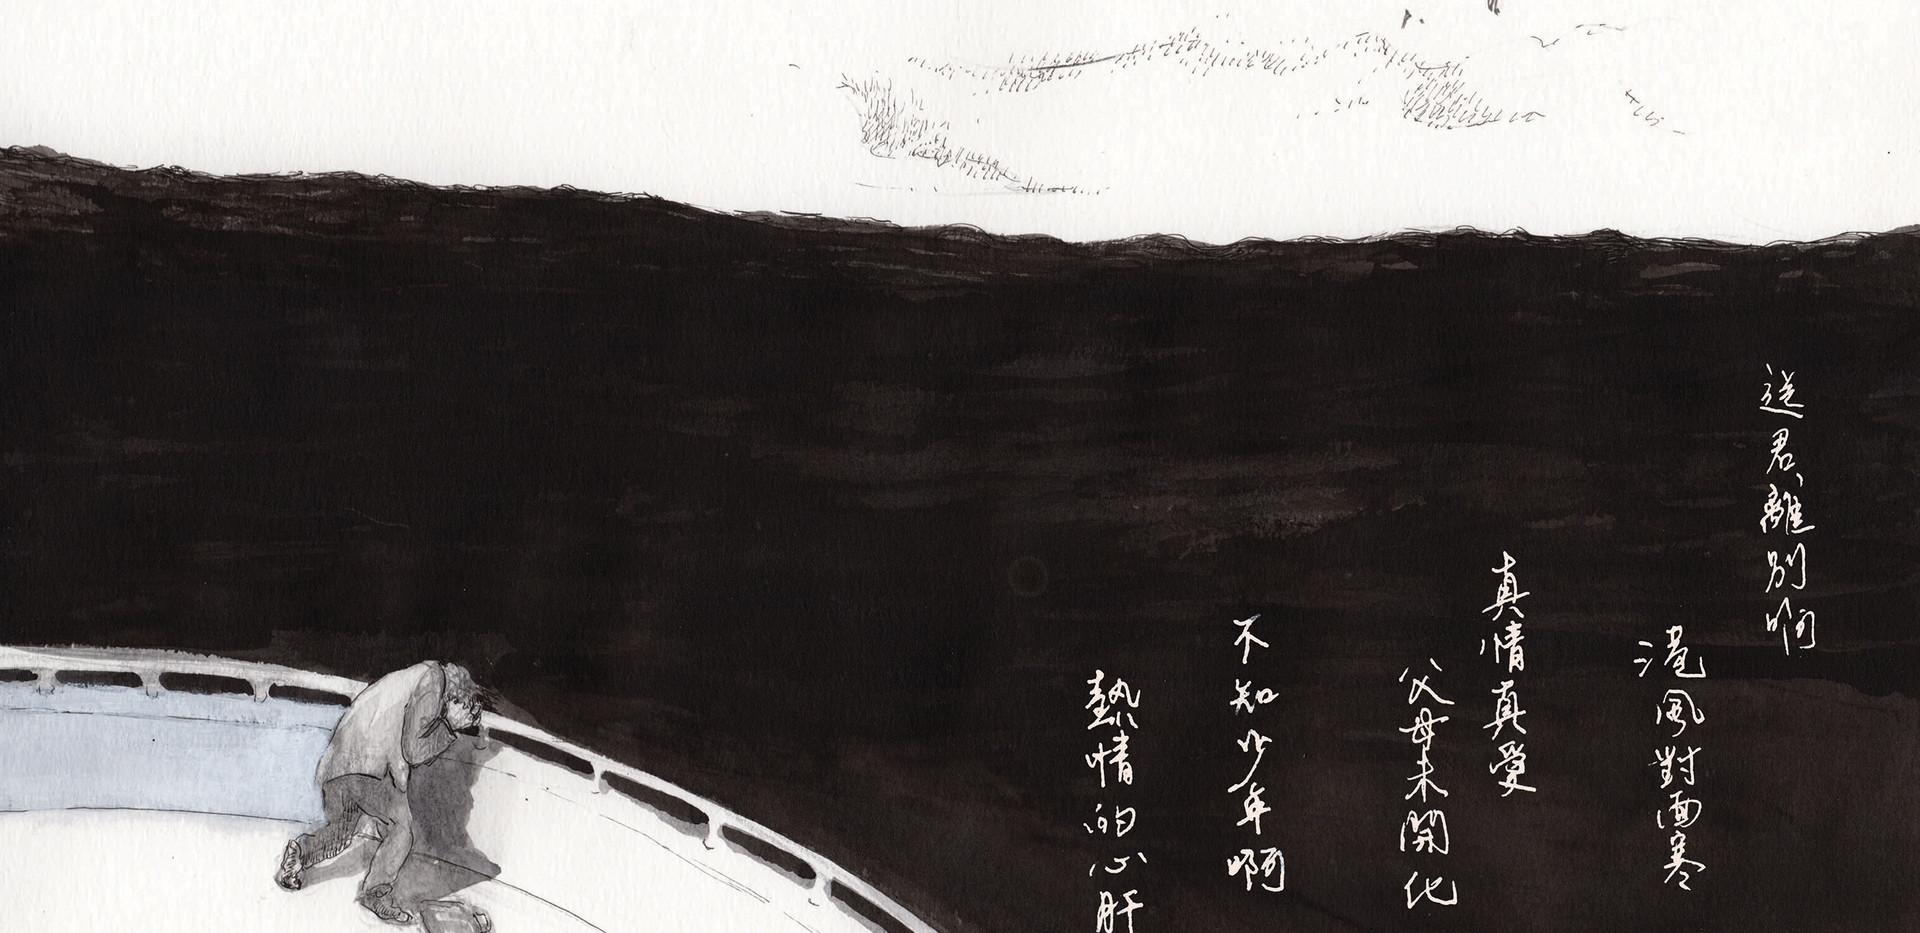 港邊惜別 / Love Story, Love Song p.02-03